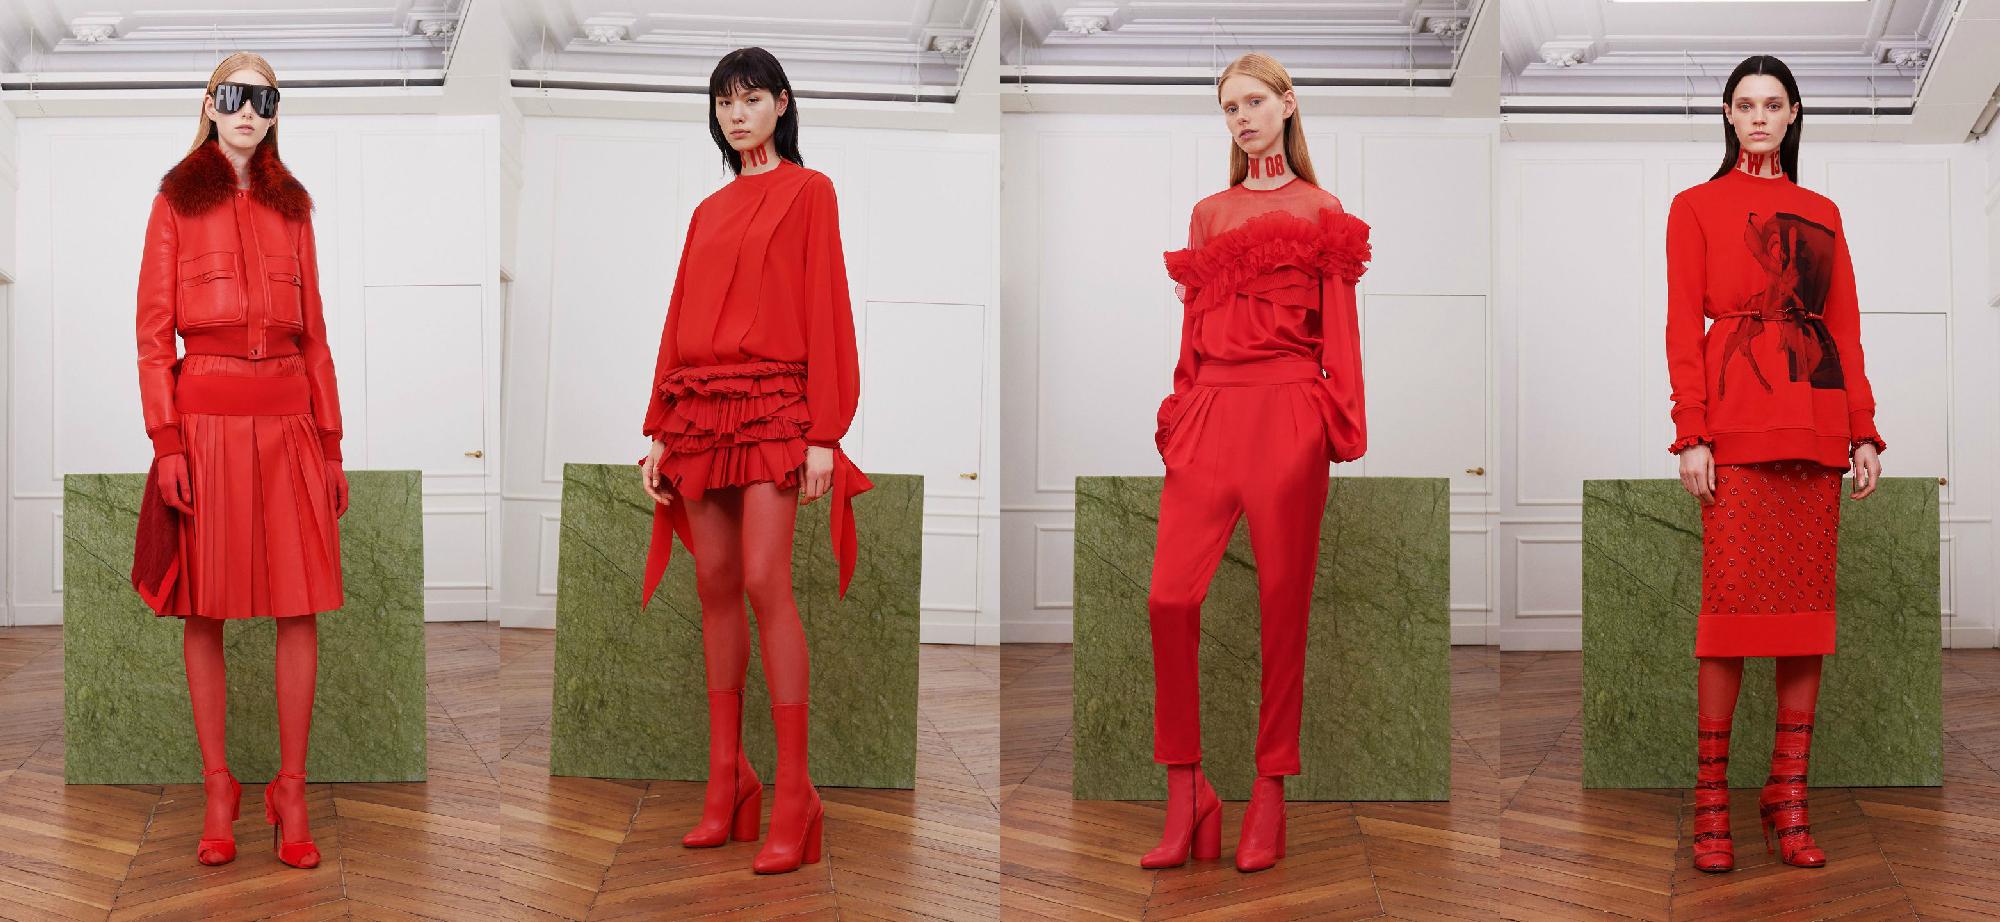 Givenchy Осень-Зима 2017 Модные тенденции